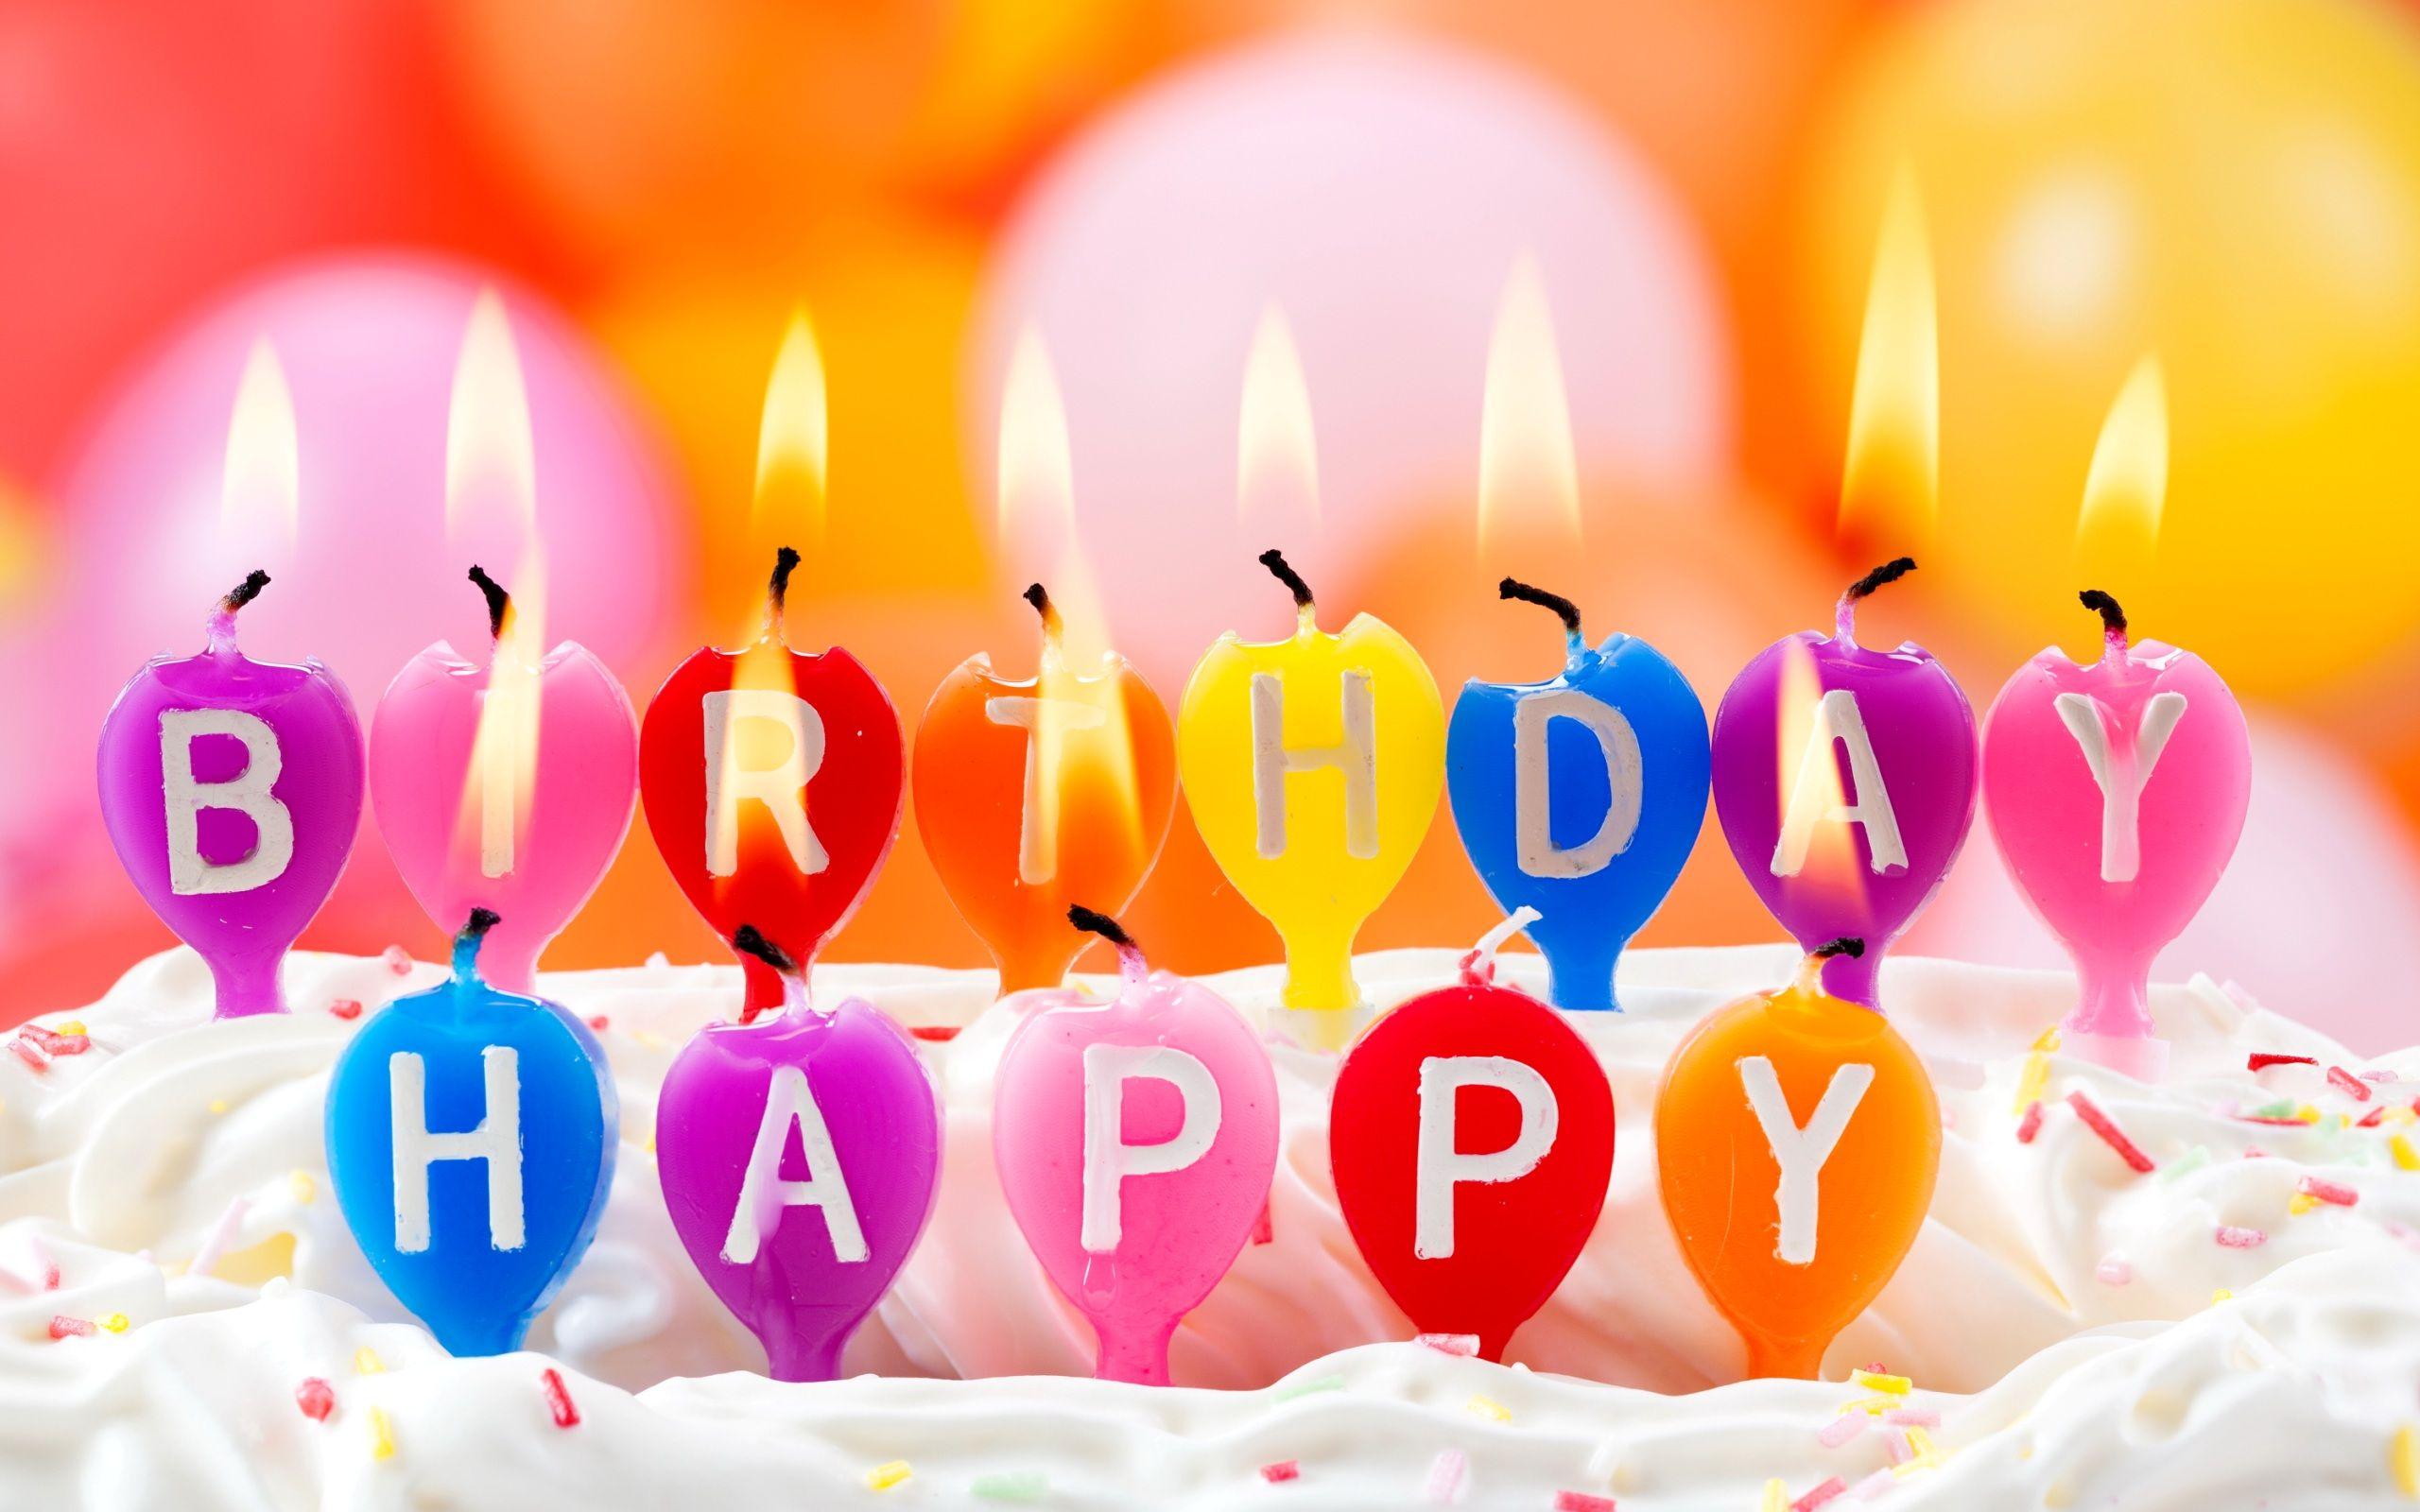 HAPPY BIRTHDAY MARYA NAEEM Happy Birthday to You